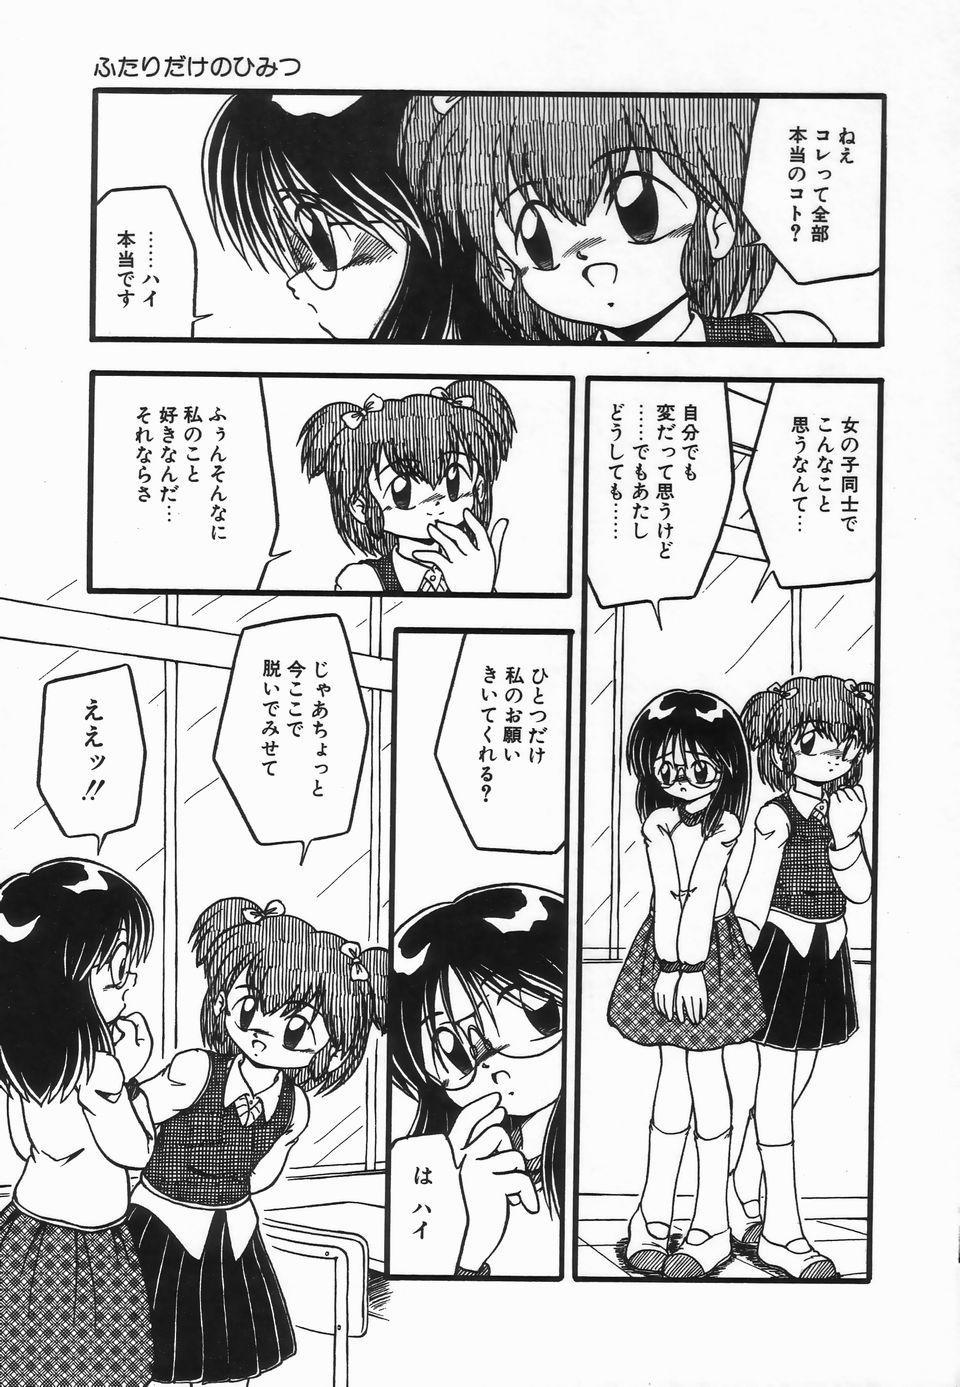 Kanchou Shoujo - Enema Girl 120